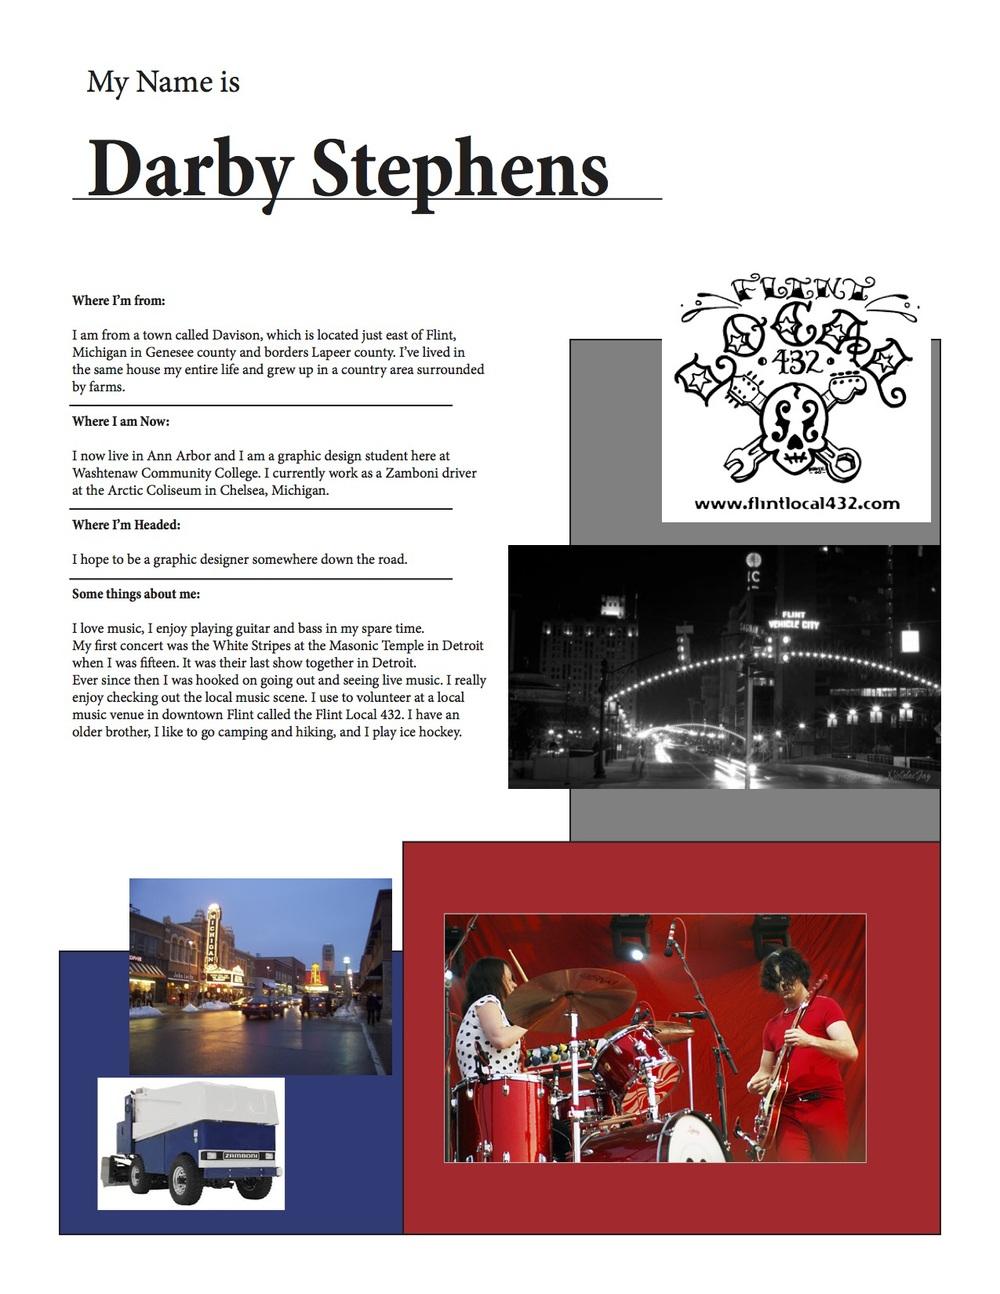 D_Stephens Ex. 1.jpg